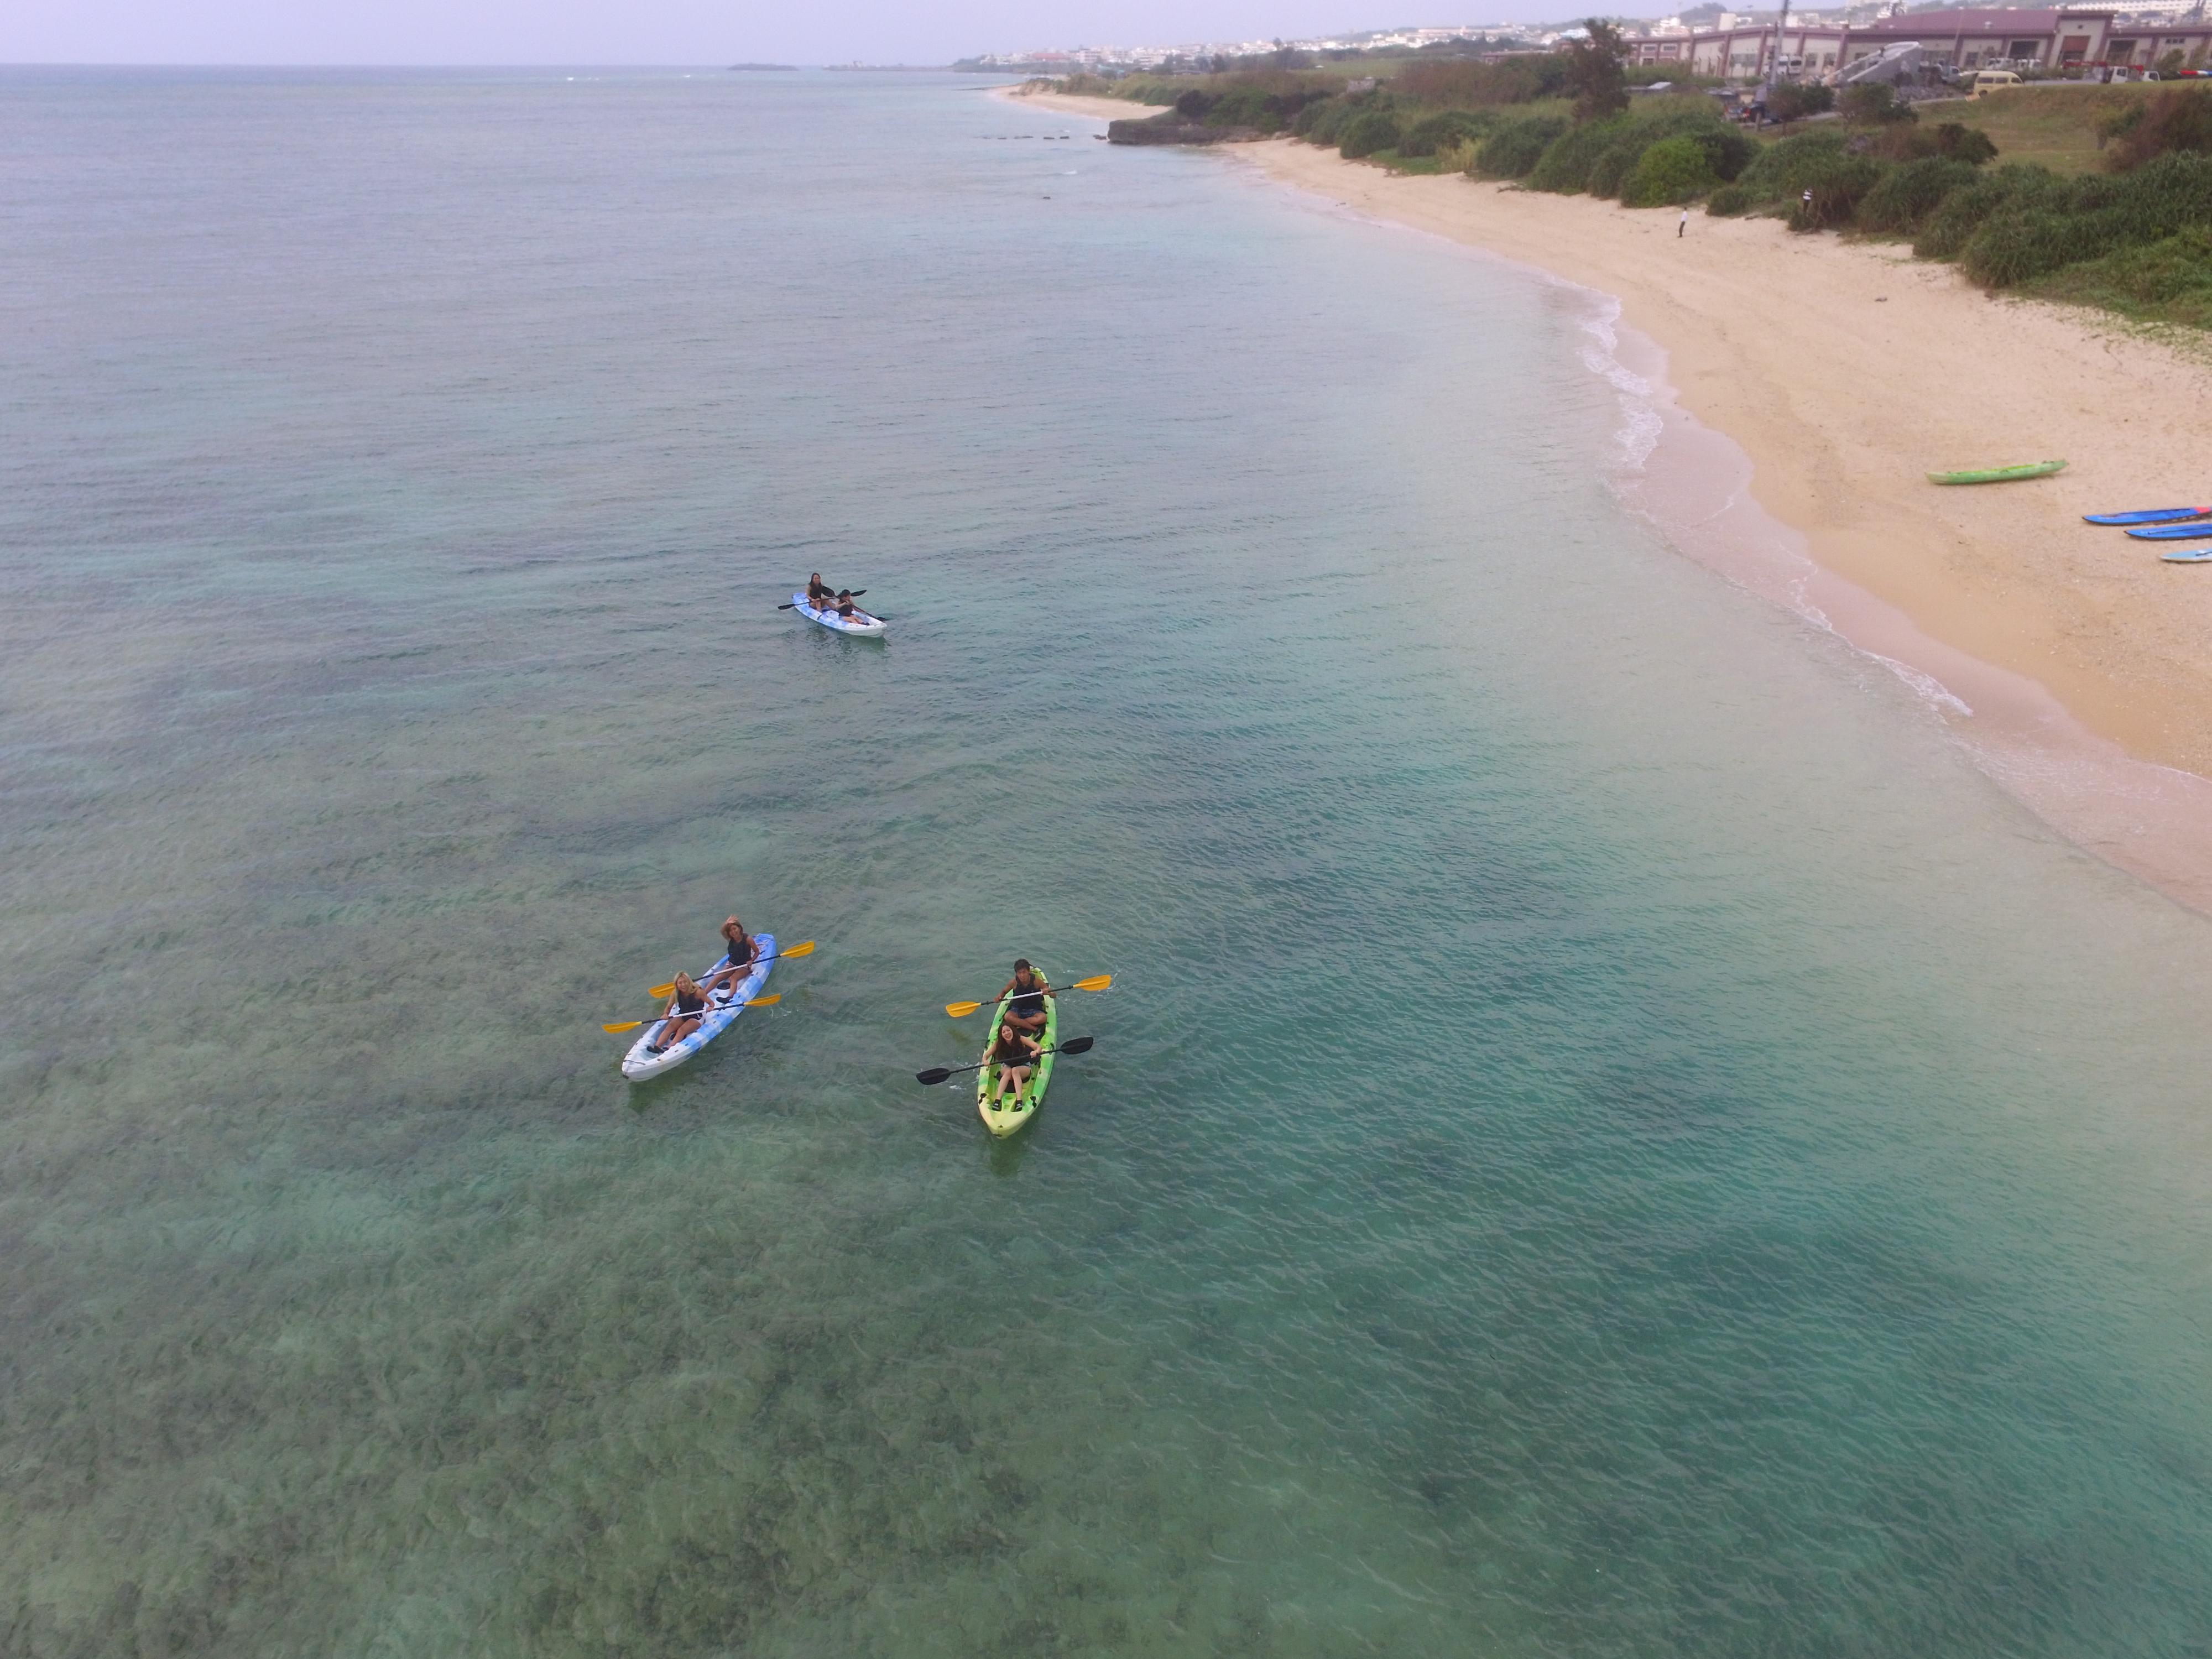 沖縄の読谷村の海でシーカヤックをするグループ